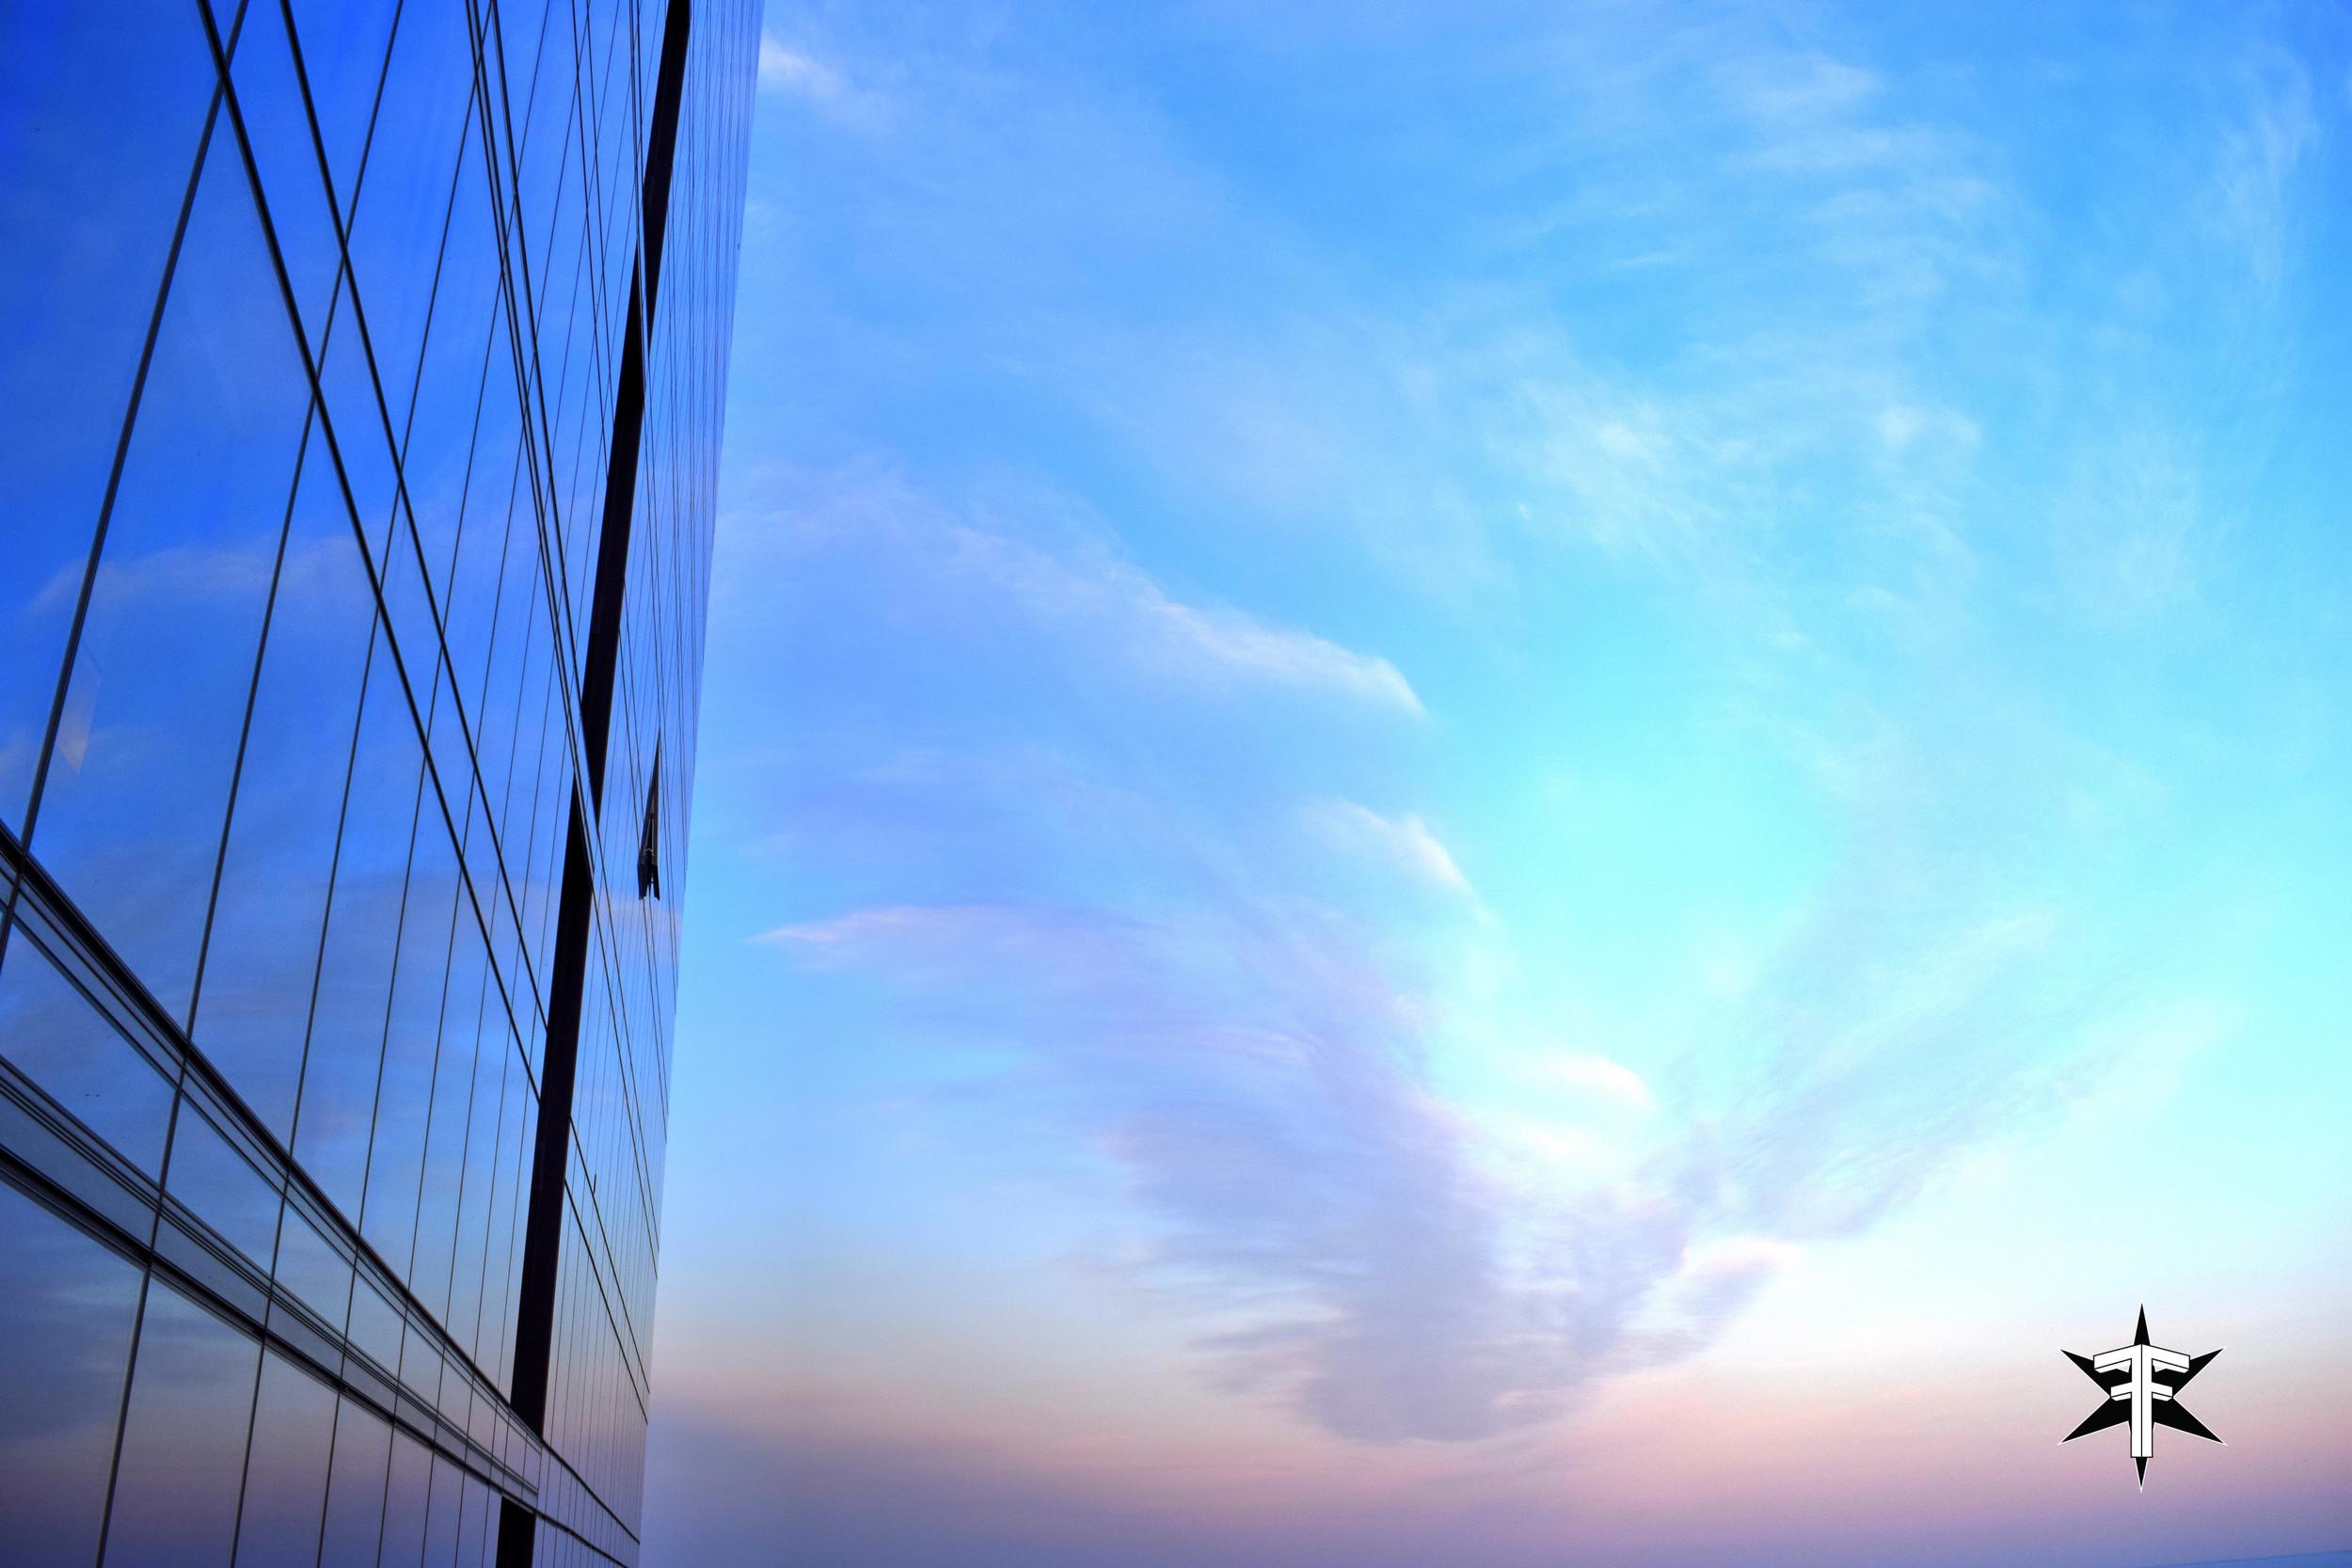 chicago architecture eric formato photography design arquitectura architettura buildings skyscraper skyscrapers-62.jpg